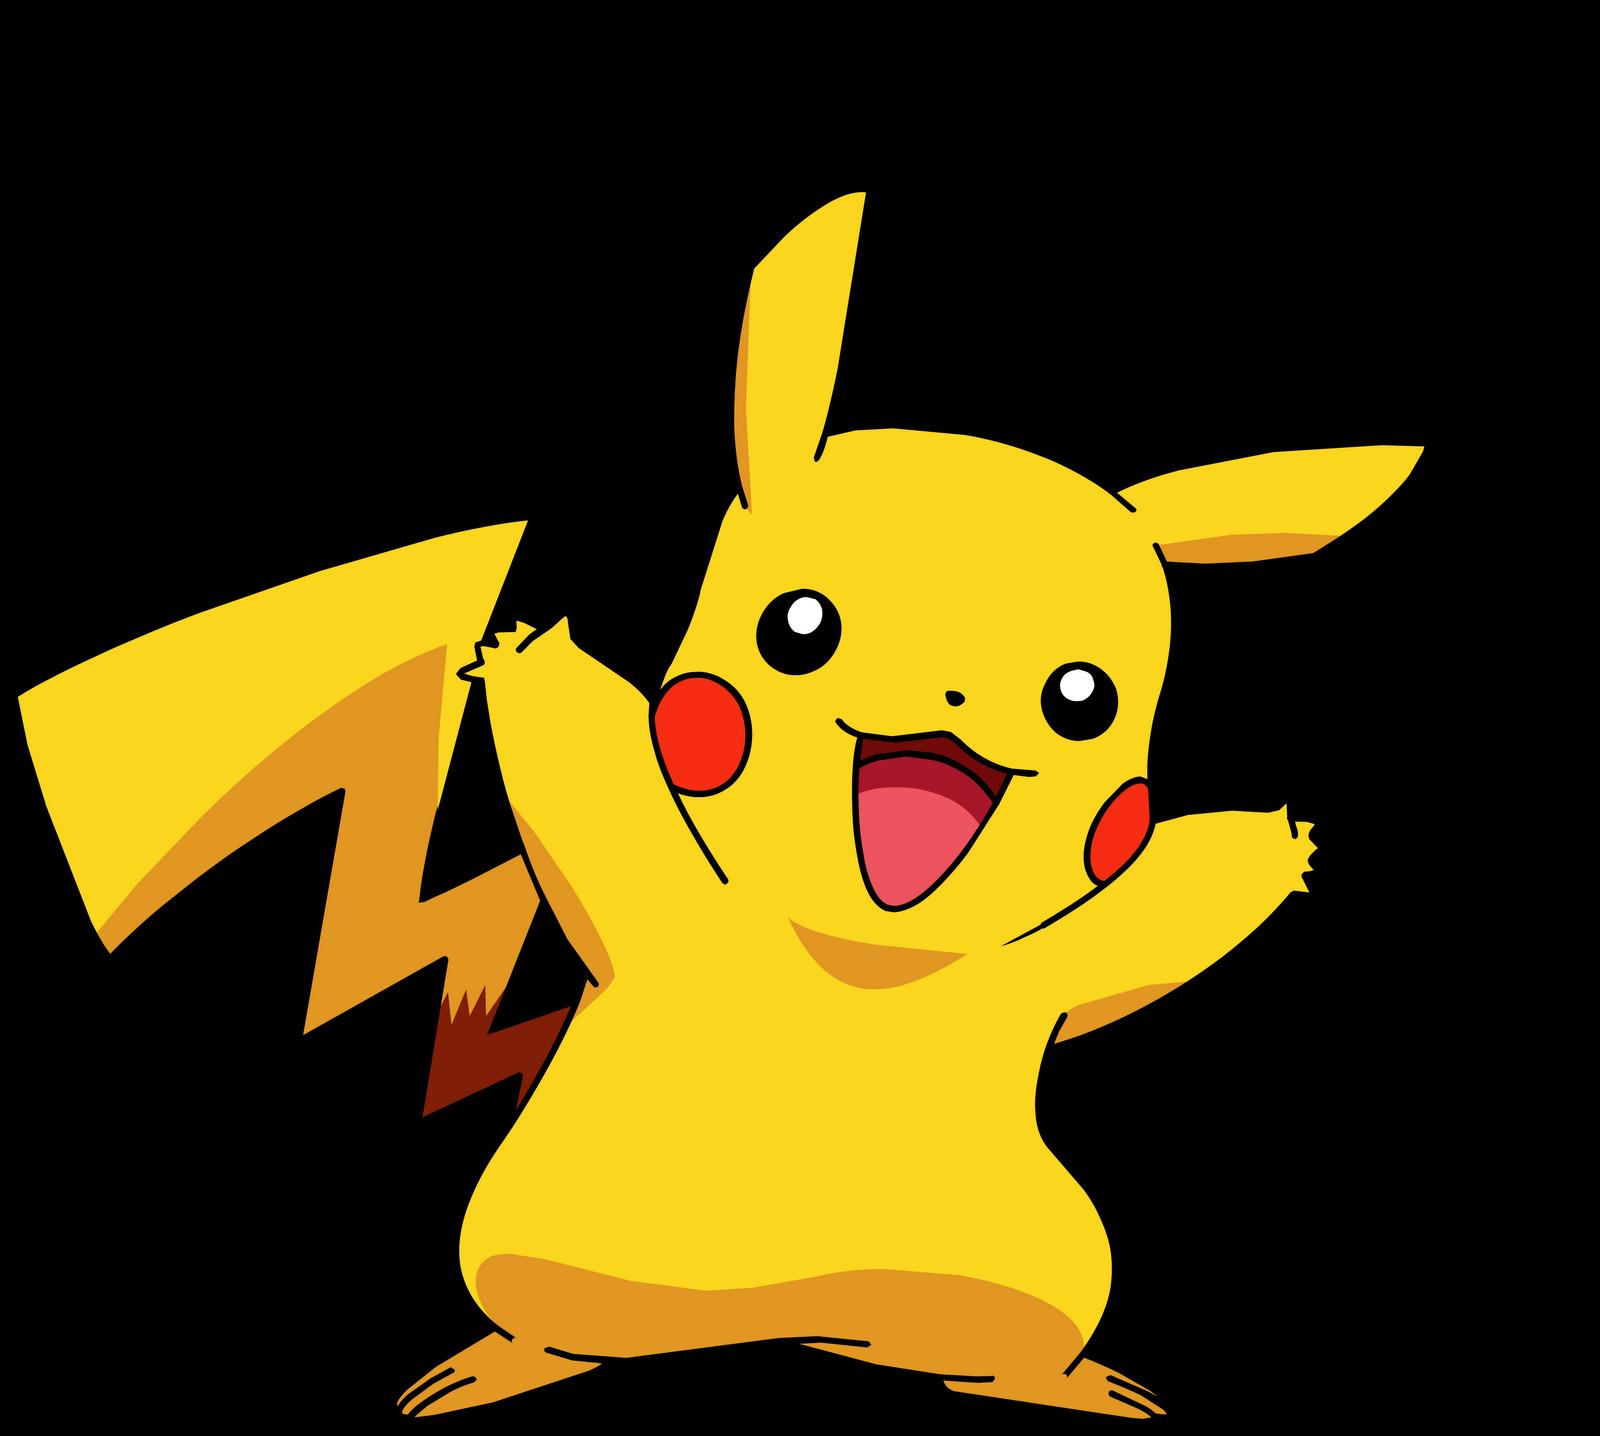 Pikachu-png-0